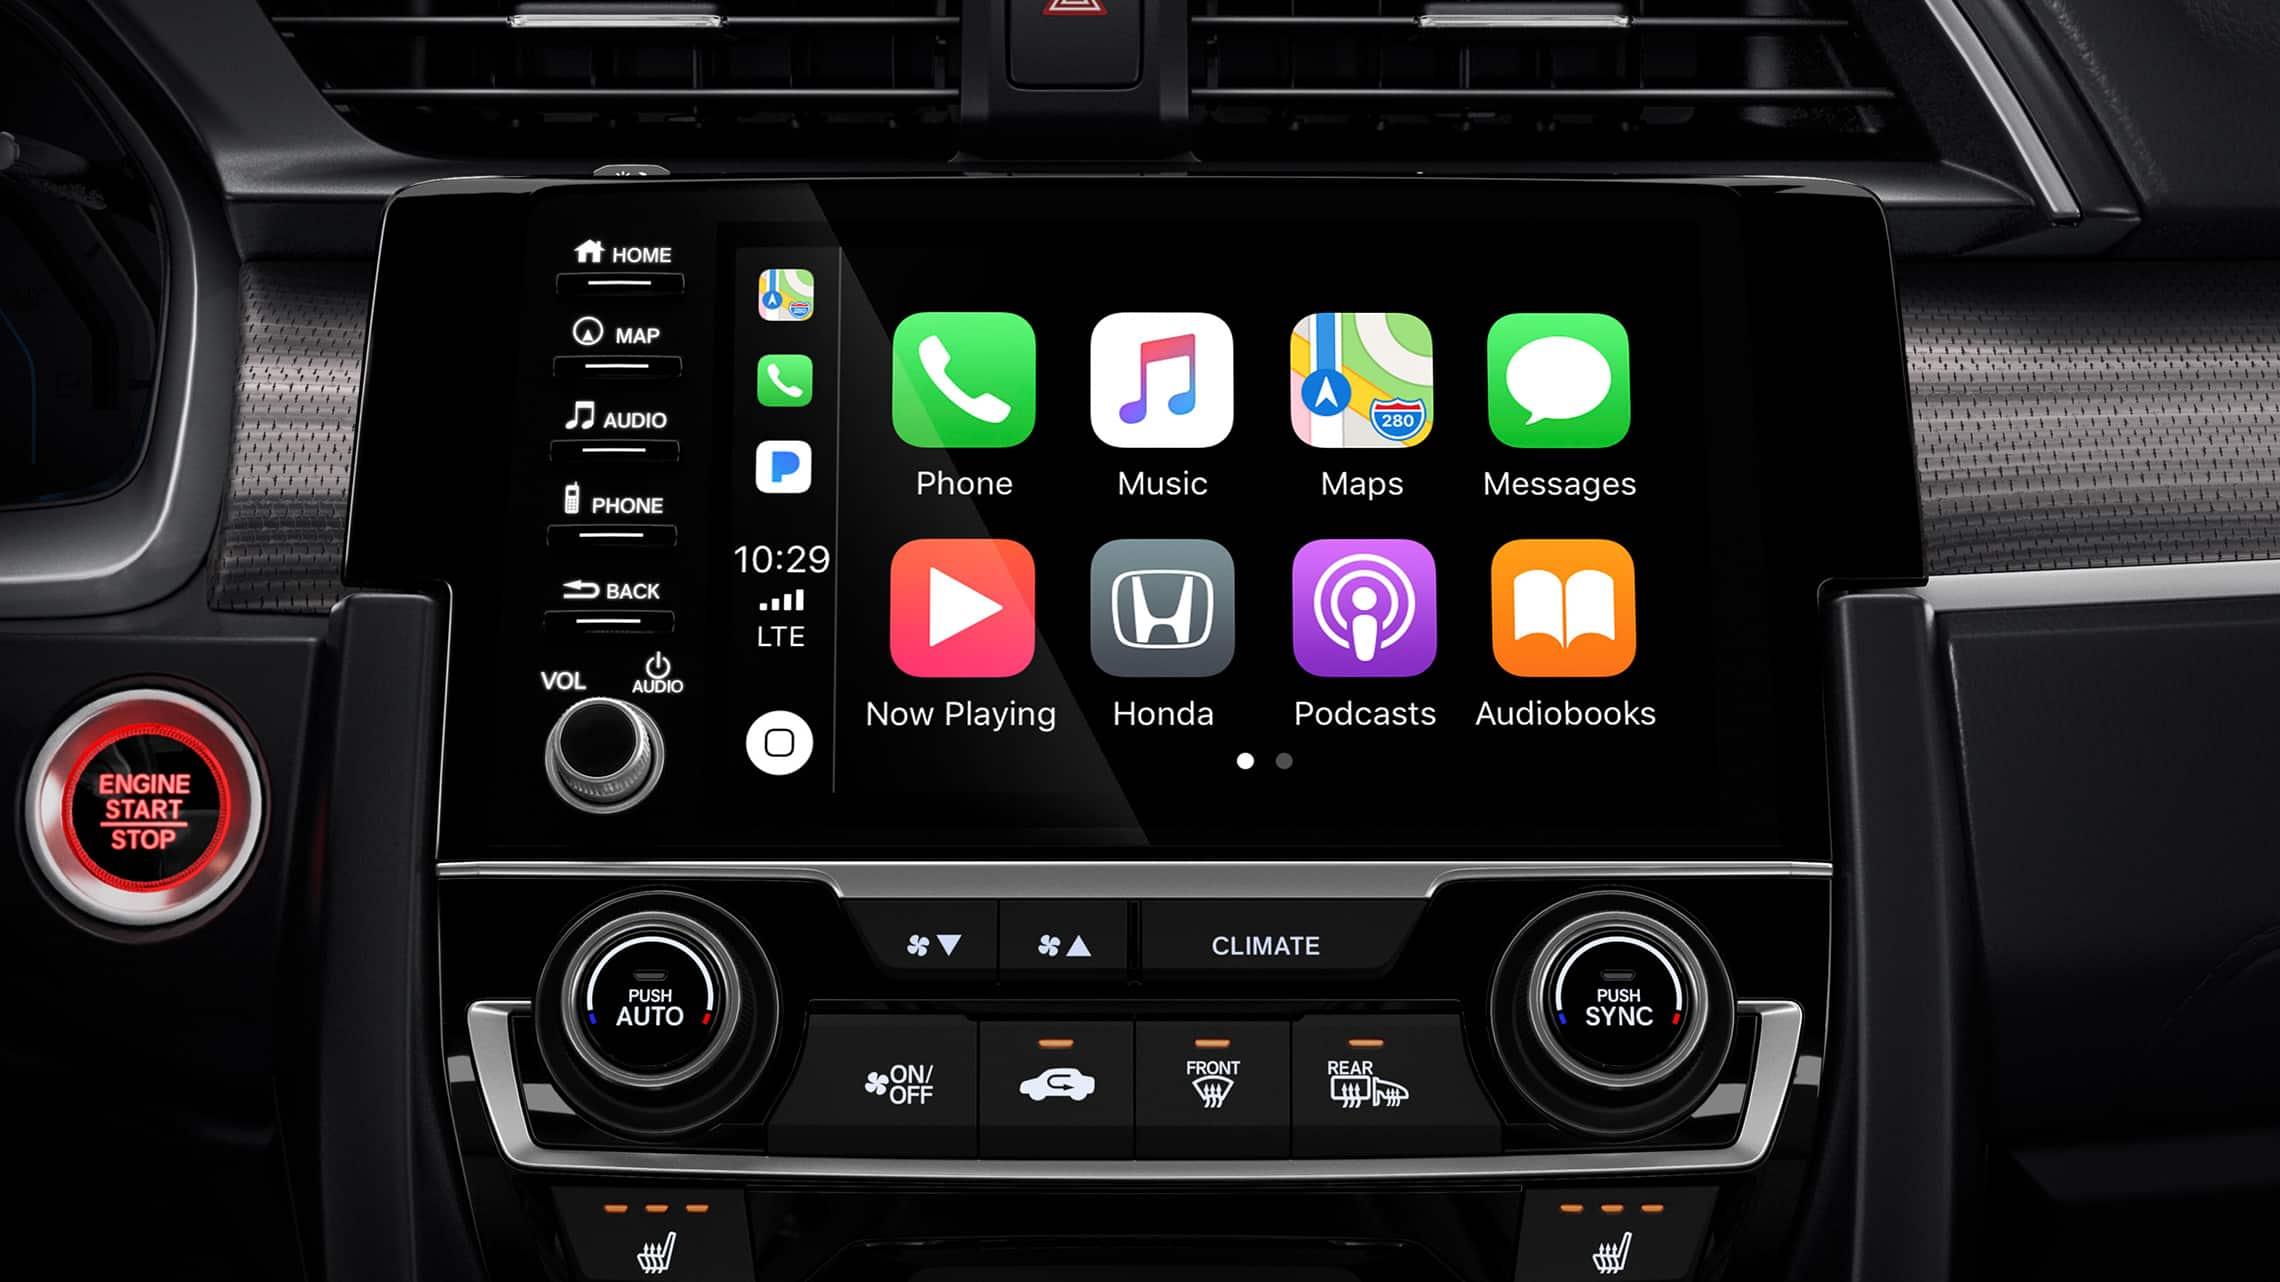 Detalle de la integración con Apple CarPlay® en el sistema de audio en pantalla táctil del Honda Civic Coupé2020.